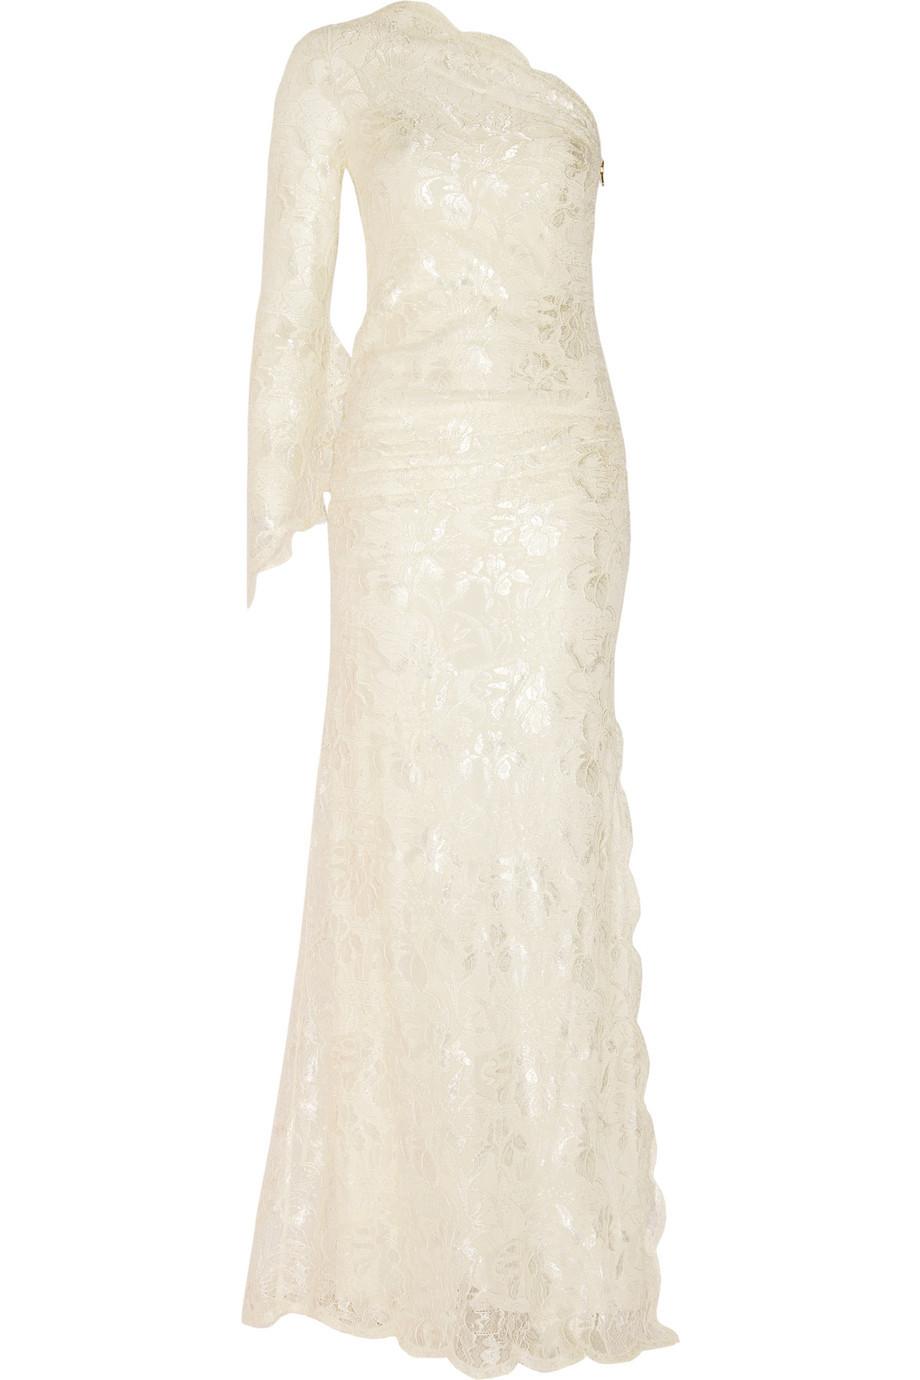 Emilio-pucci-one-shoulder-wedding-dress.full